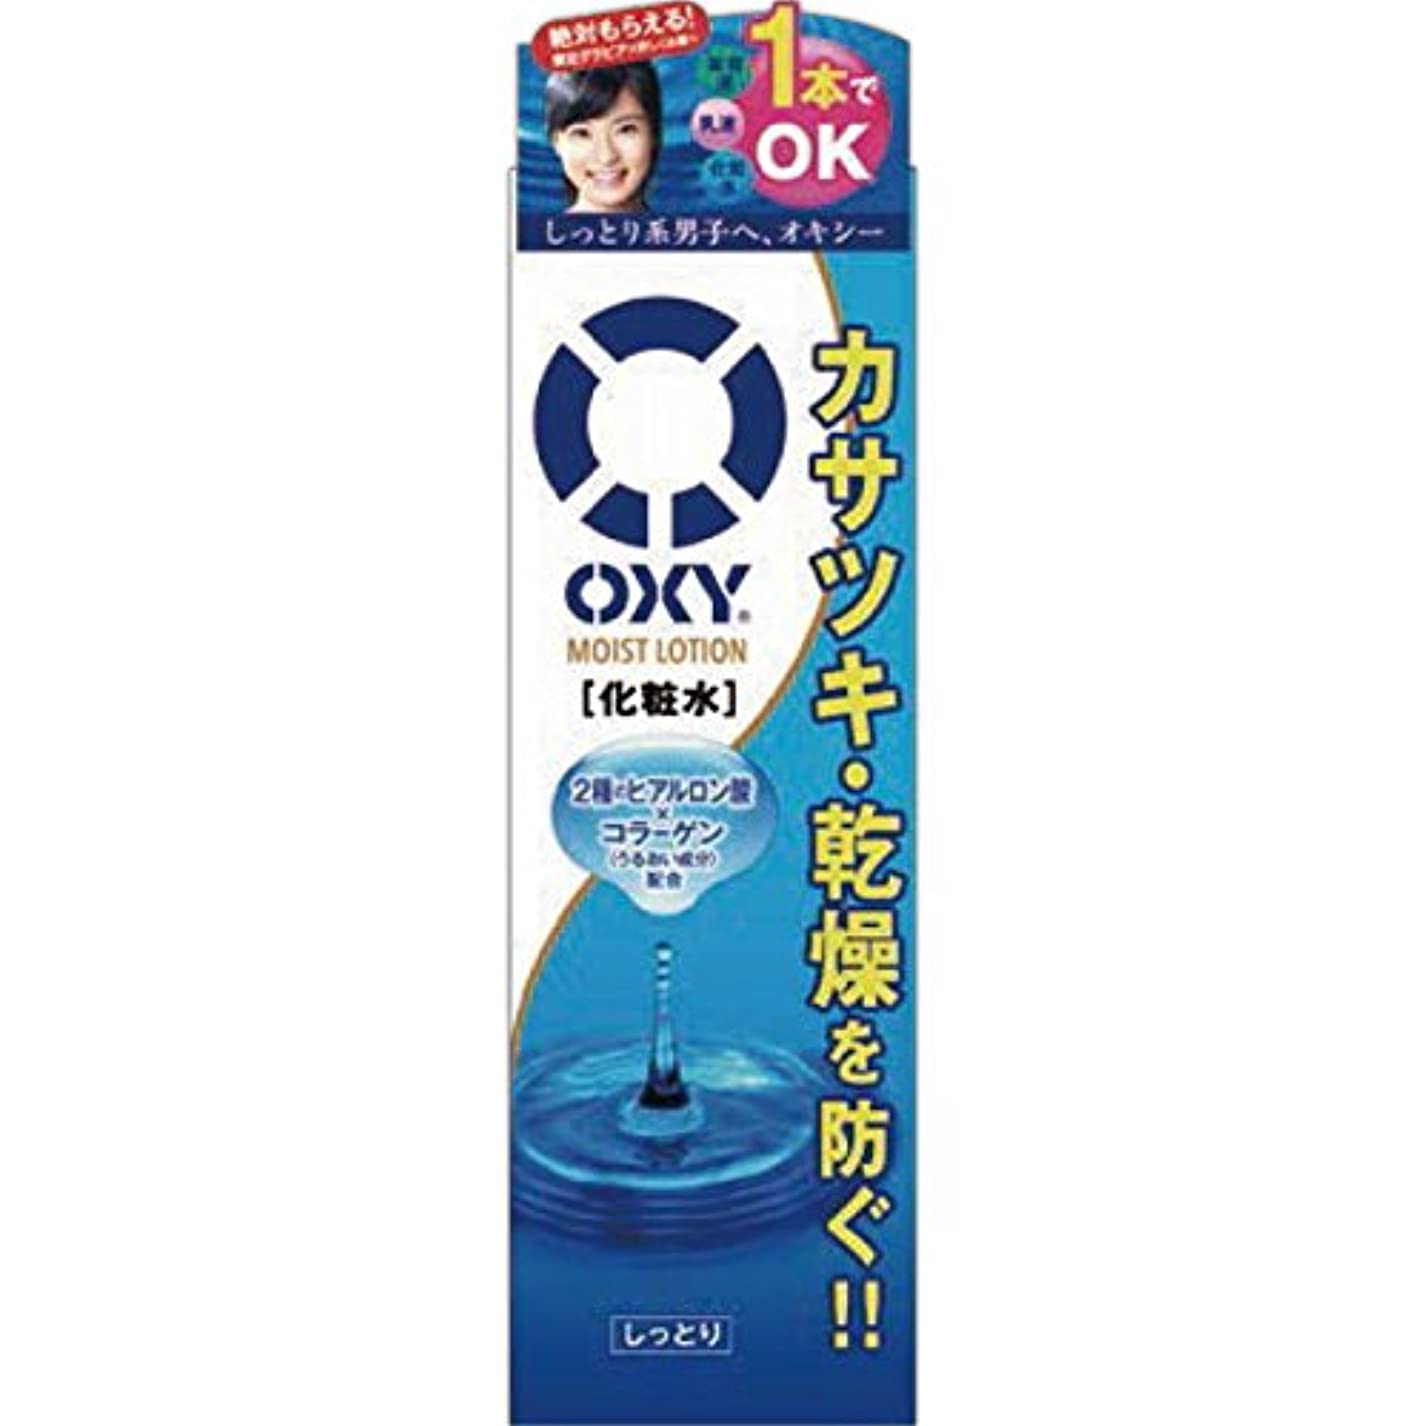 芝生残酷拡声器オキシー (Oxy) モイストローション オールインワン化粧水 2種のヒアルロン酸×コラーゲン配合 ゼラニウムの香 170mL